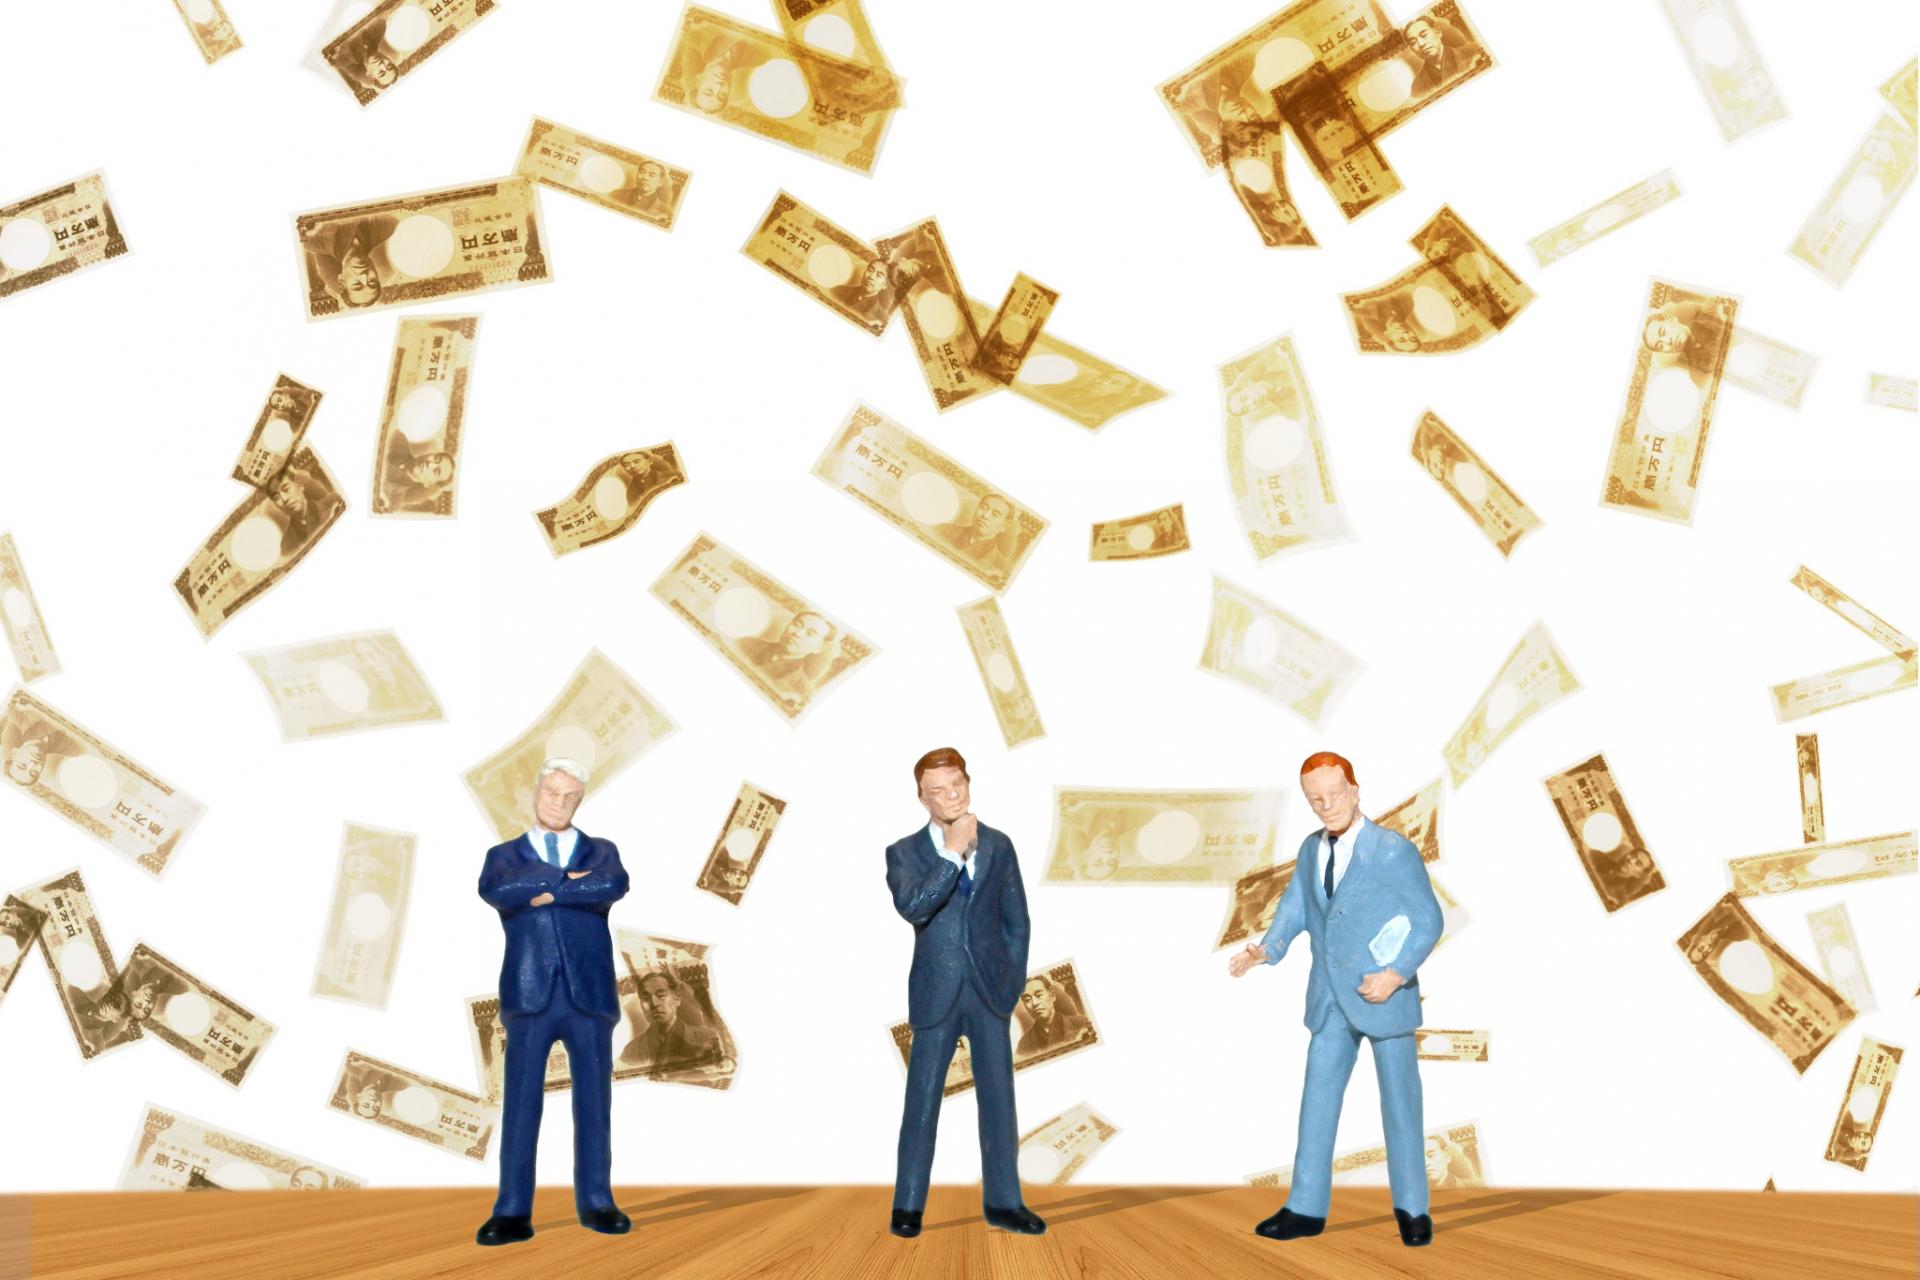 起業のための資金調達方法。自分のスタイルに合う援助制度を見つける